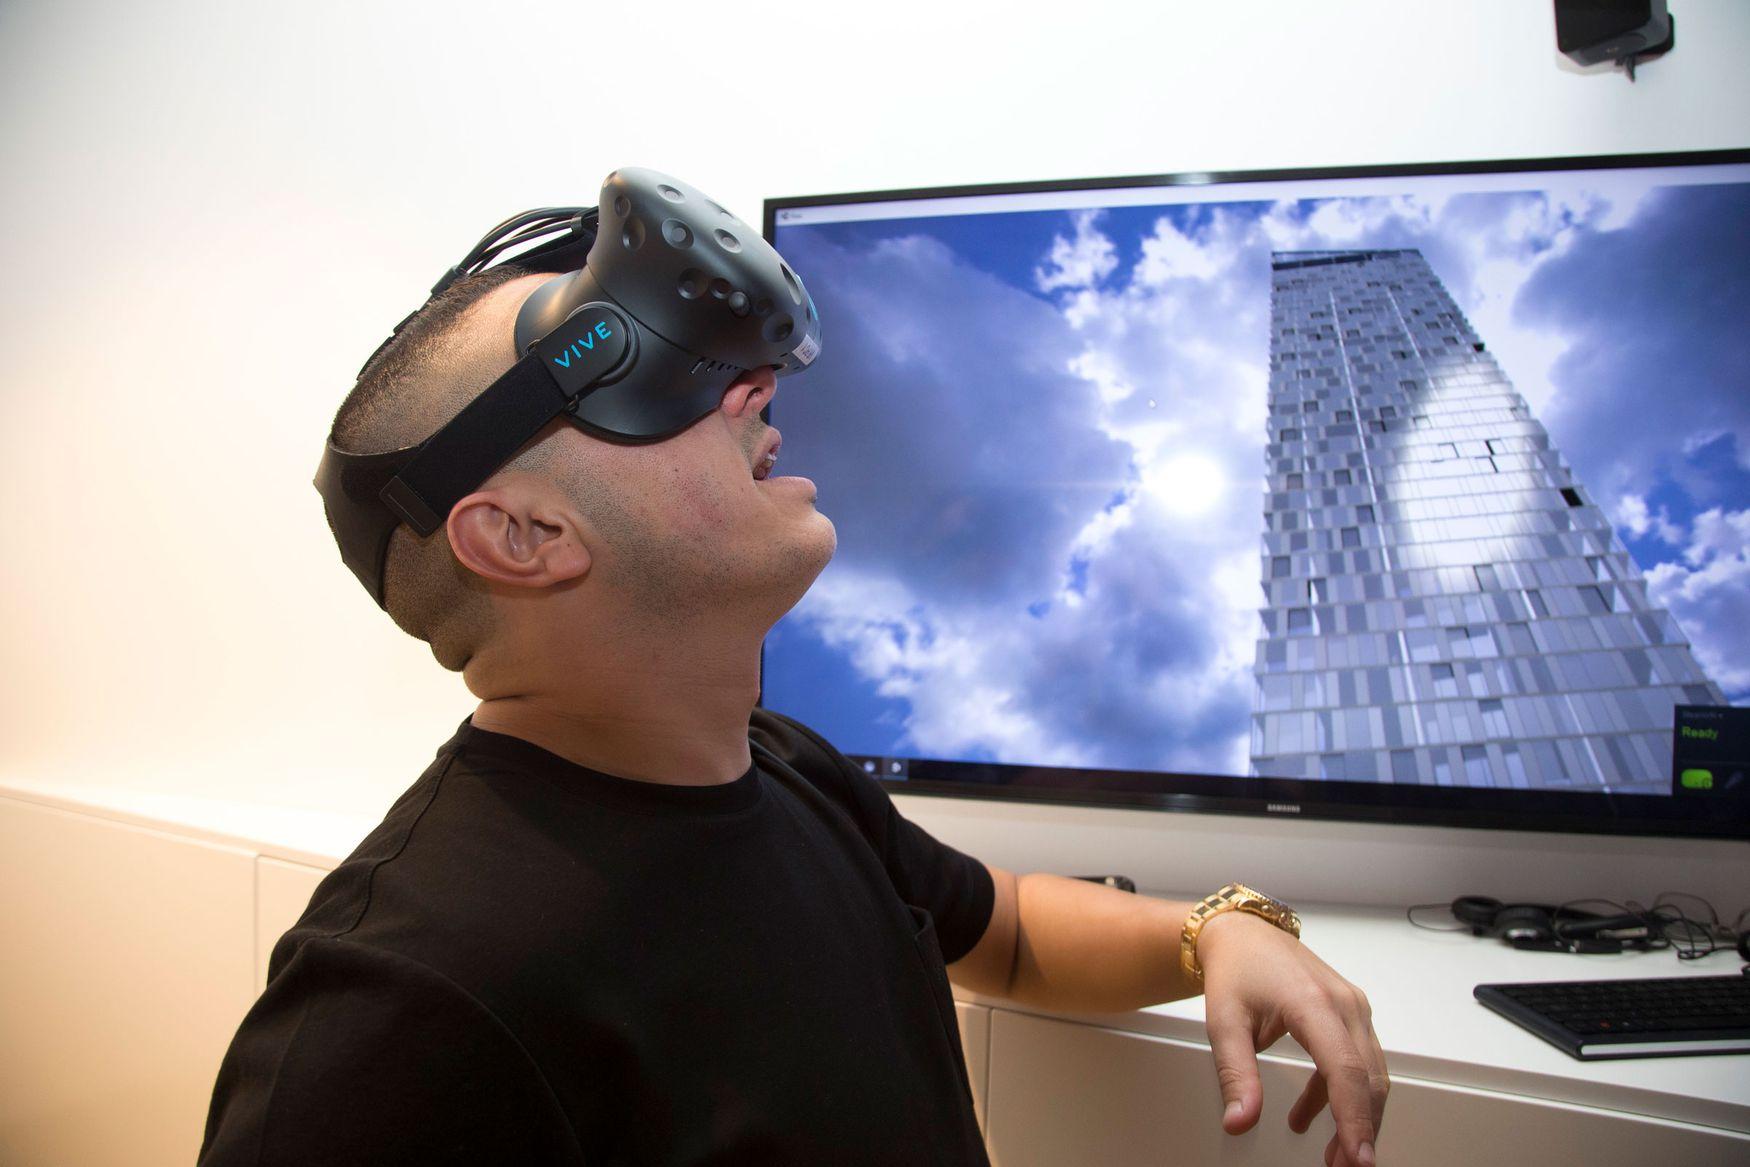 PS. Lets Make It Virtual